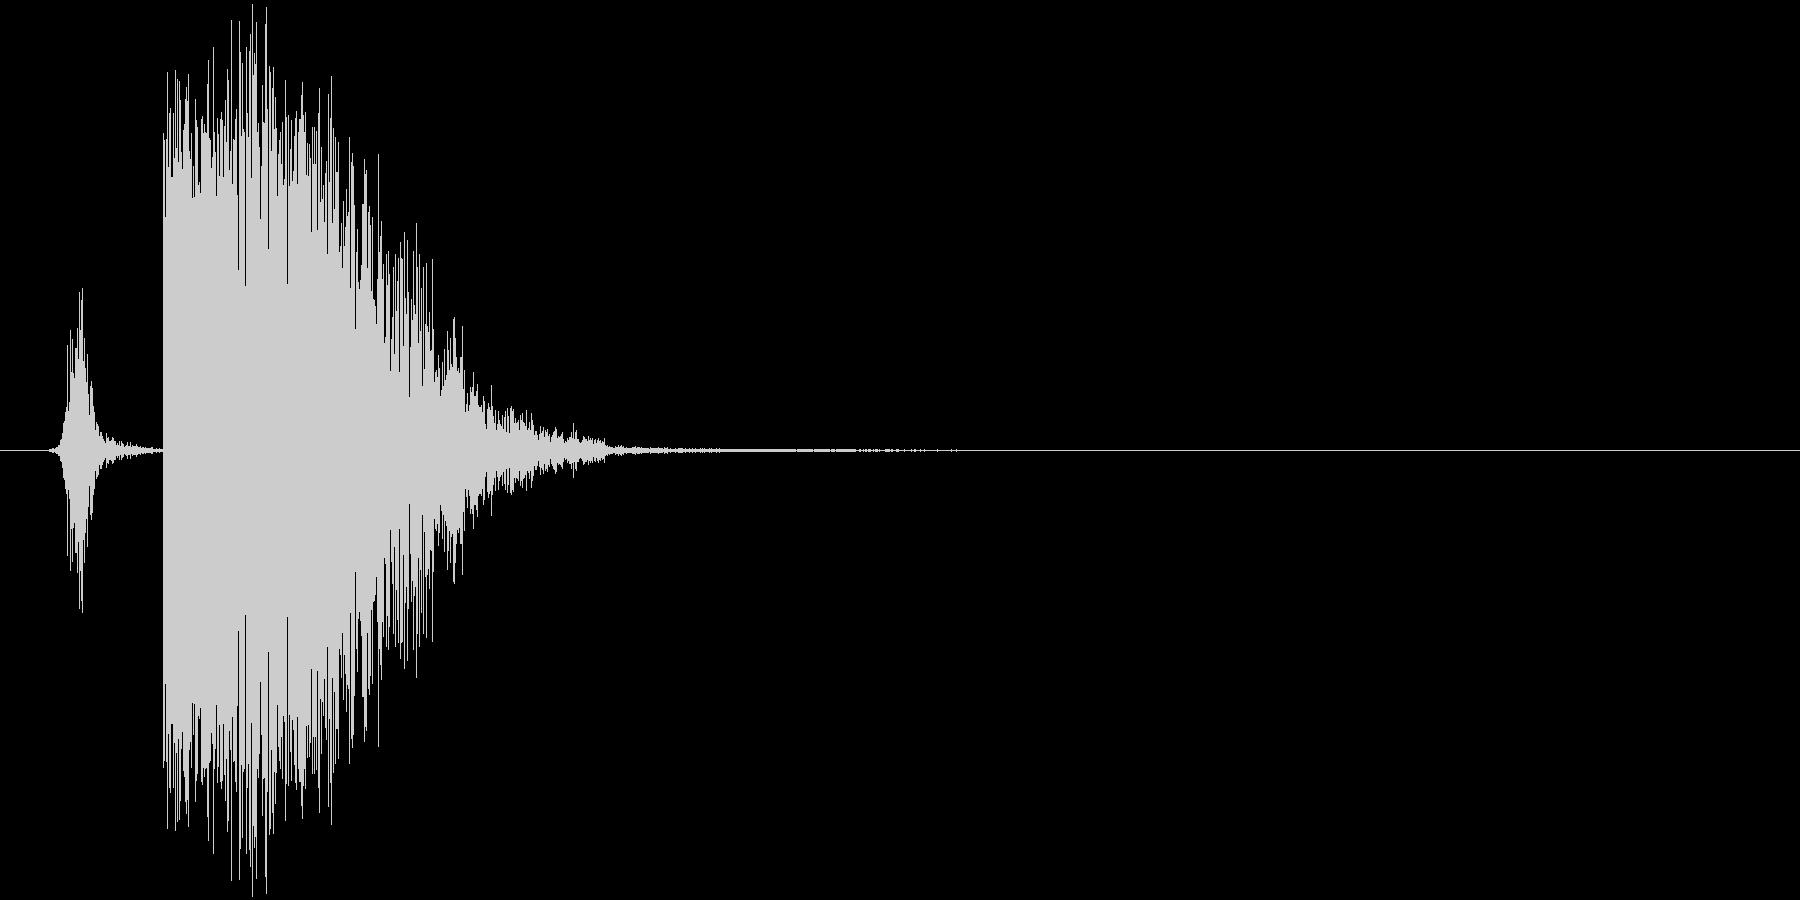 打撃音_勢いのある重めの一発の未再生の波形